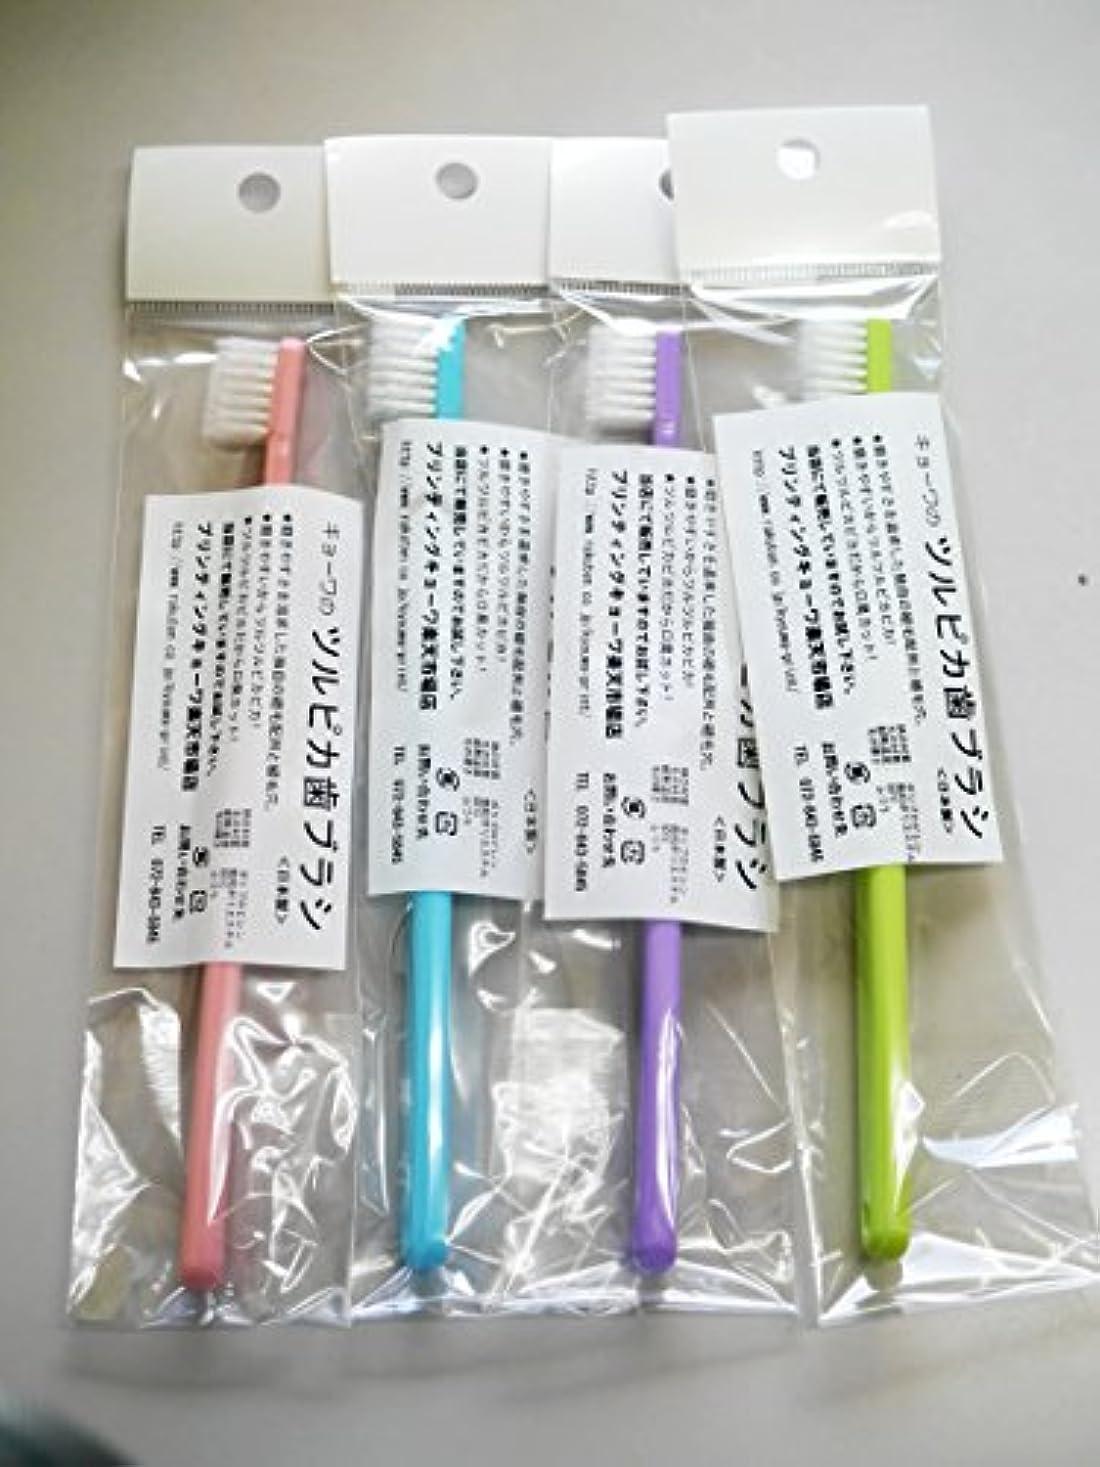 第五産地連想【株式会社キョーワ】 日本製 キョーワのツルピカ歯ブラシ4本セット (4色×1本)